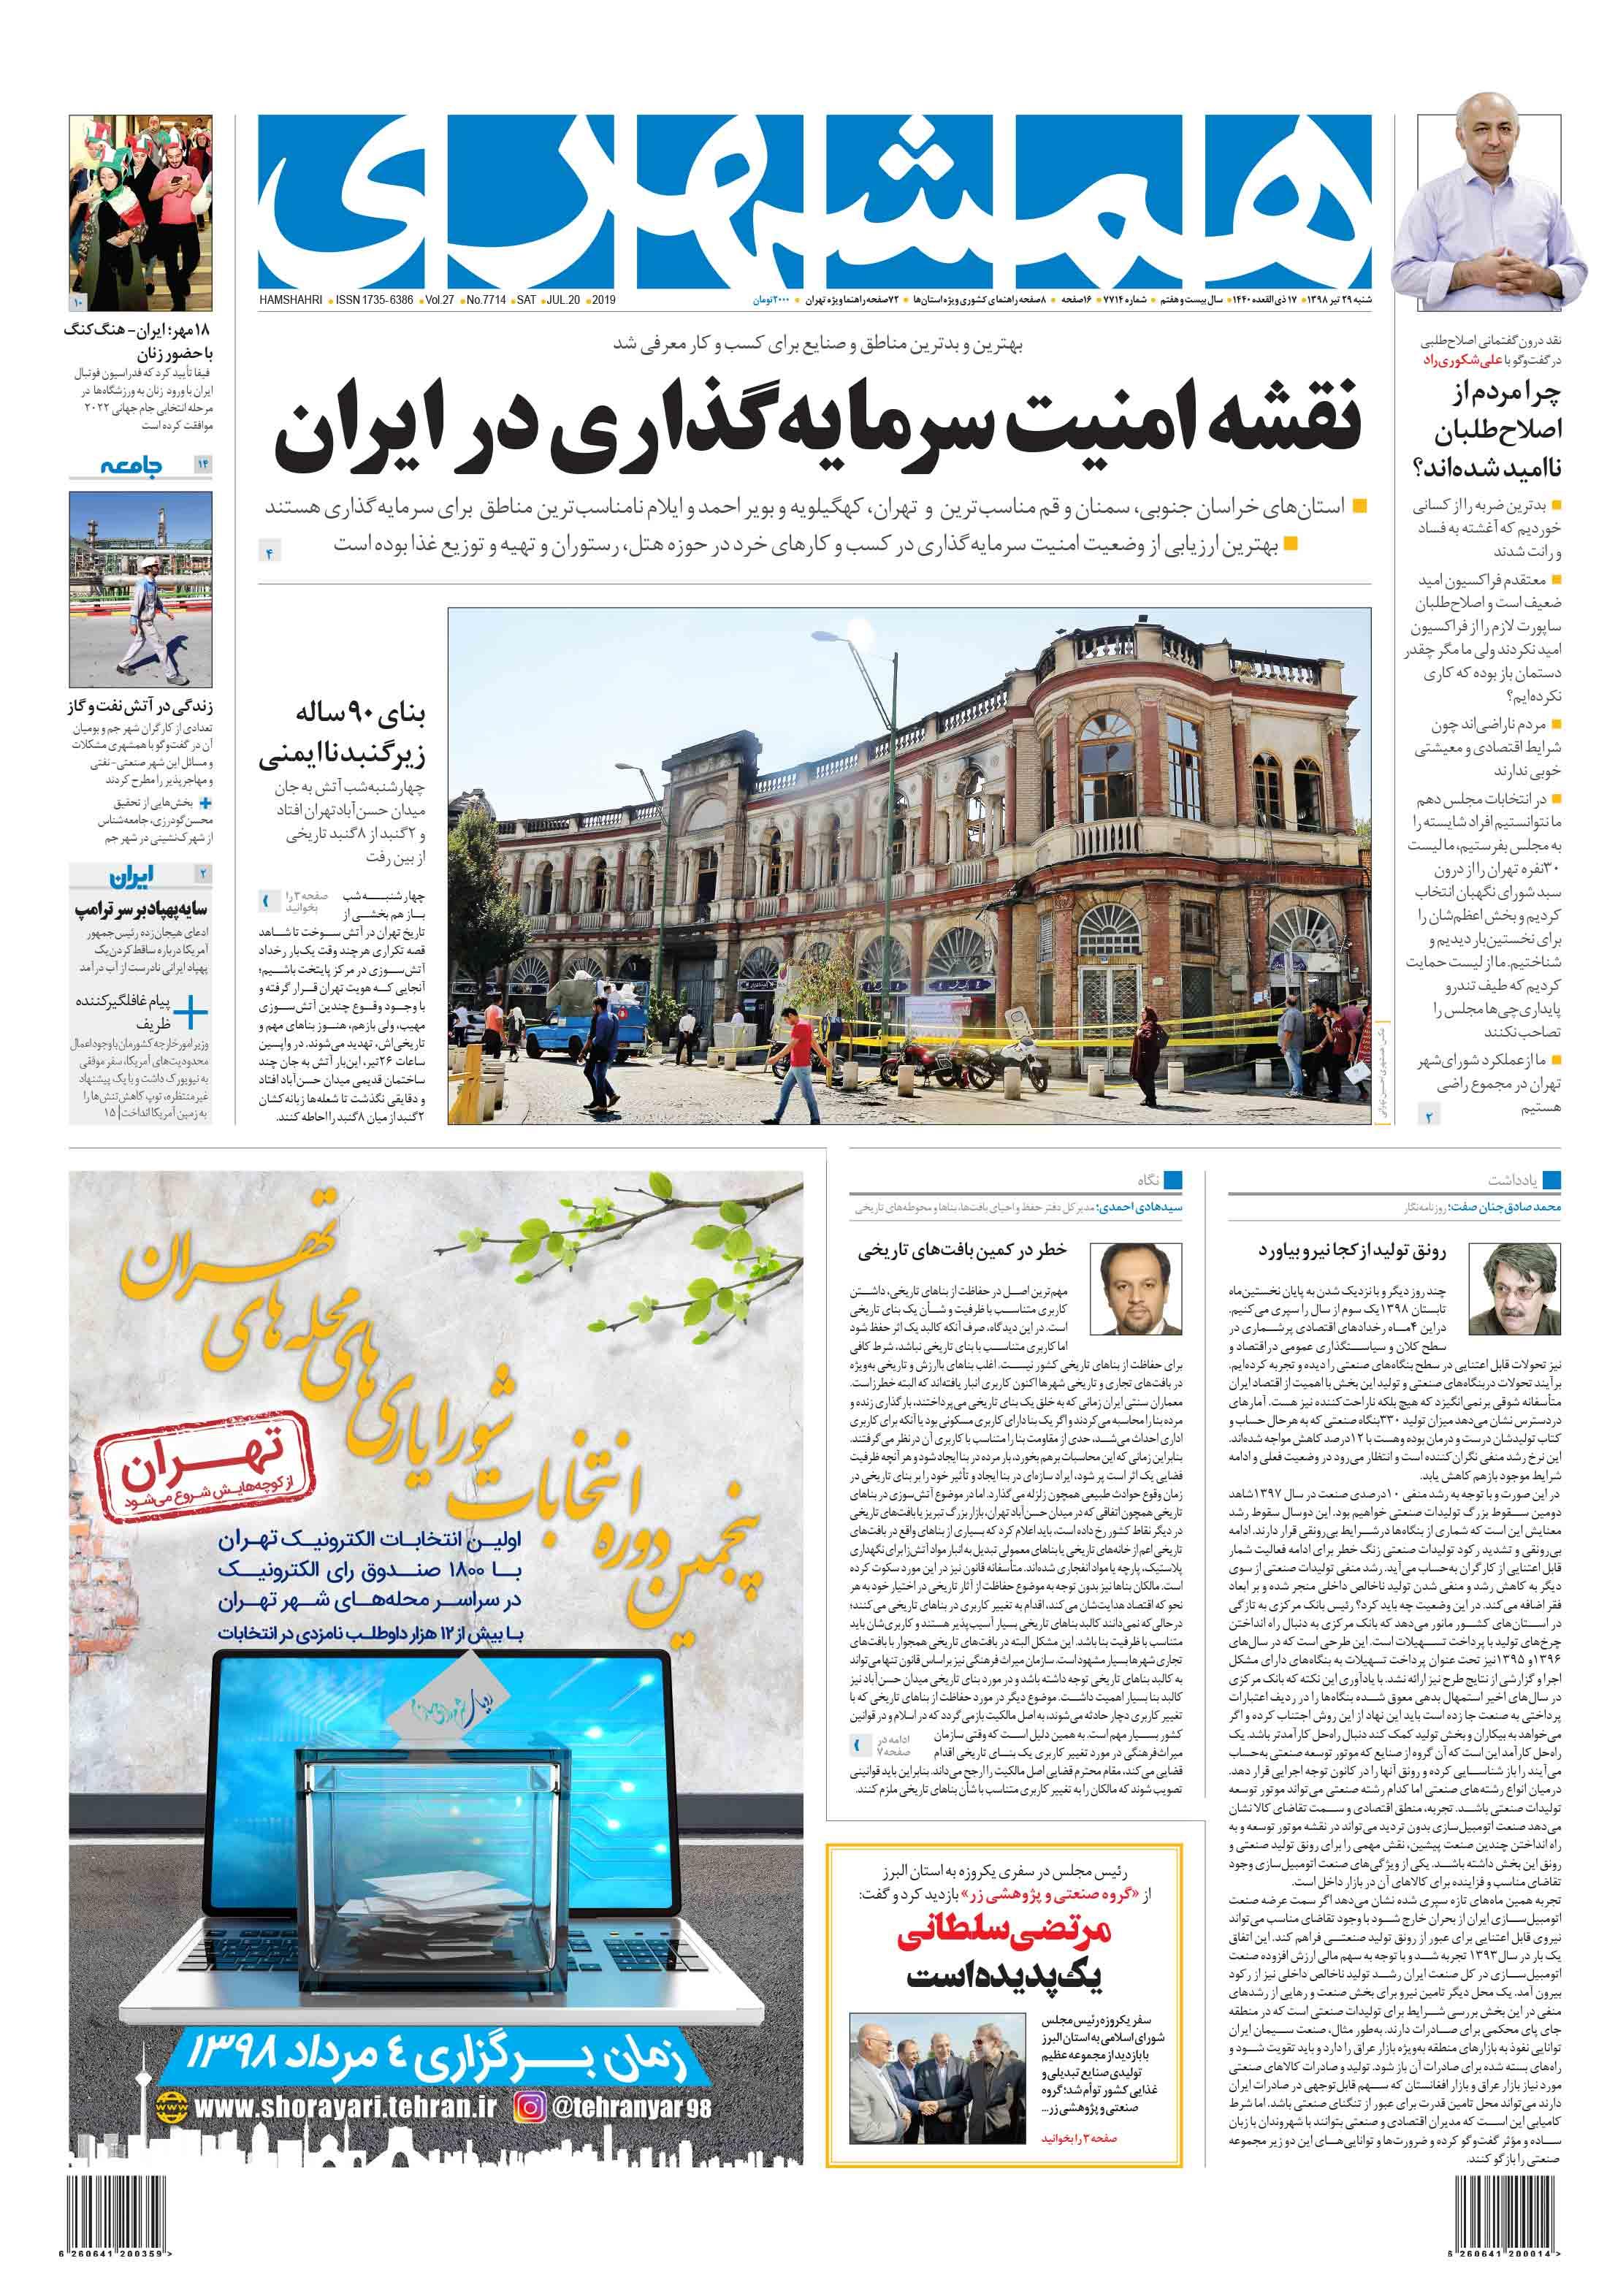 صفحه اول شنبه 29 تیر 1398